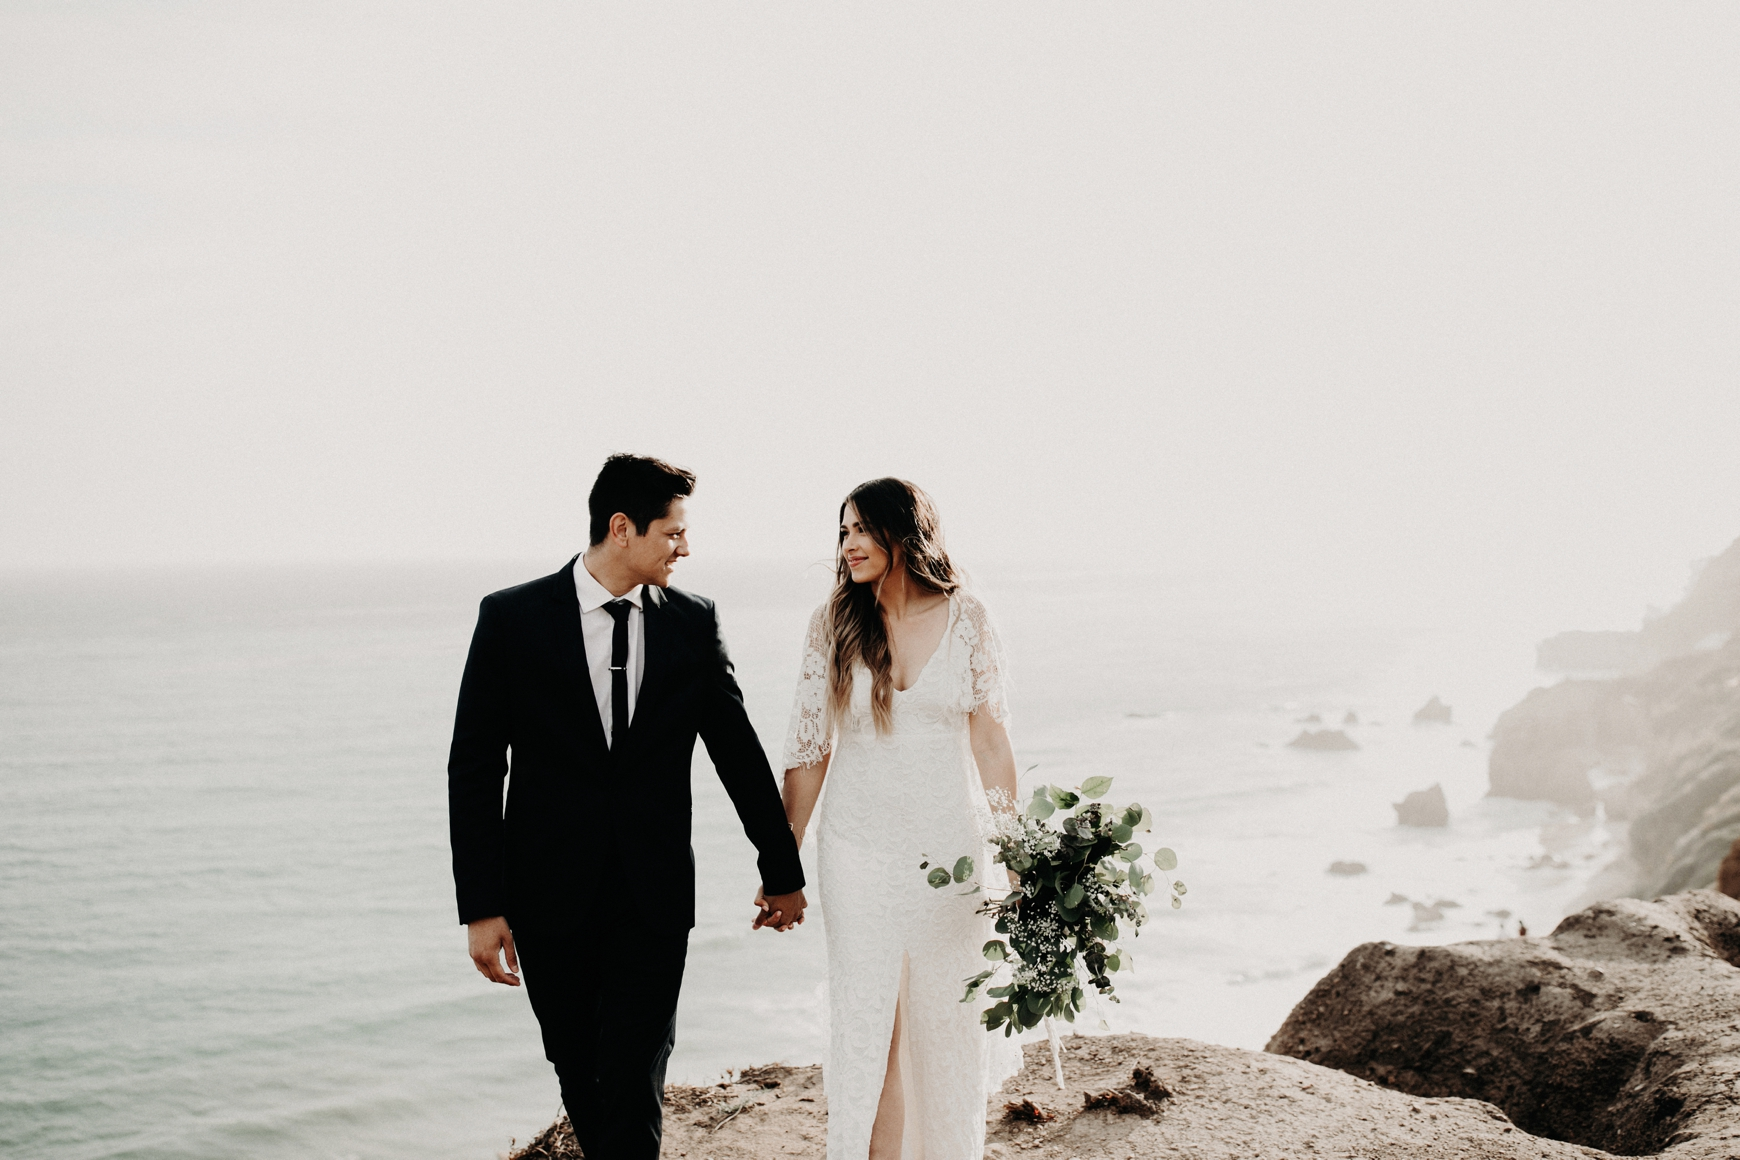 El Matador Beach Bridal Portraits Justellen & TJ Emily Magers Photography-93Emily Magers Photography.jpg